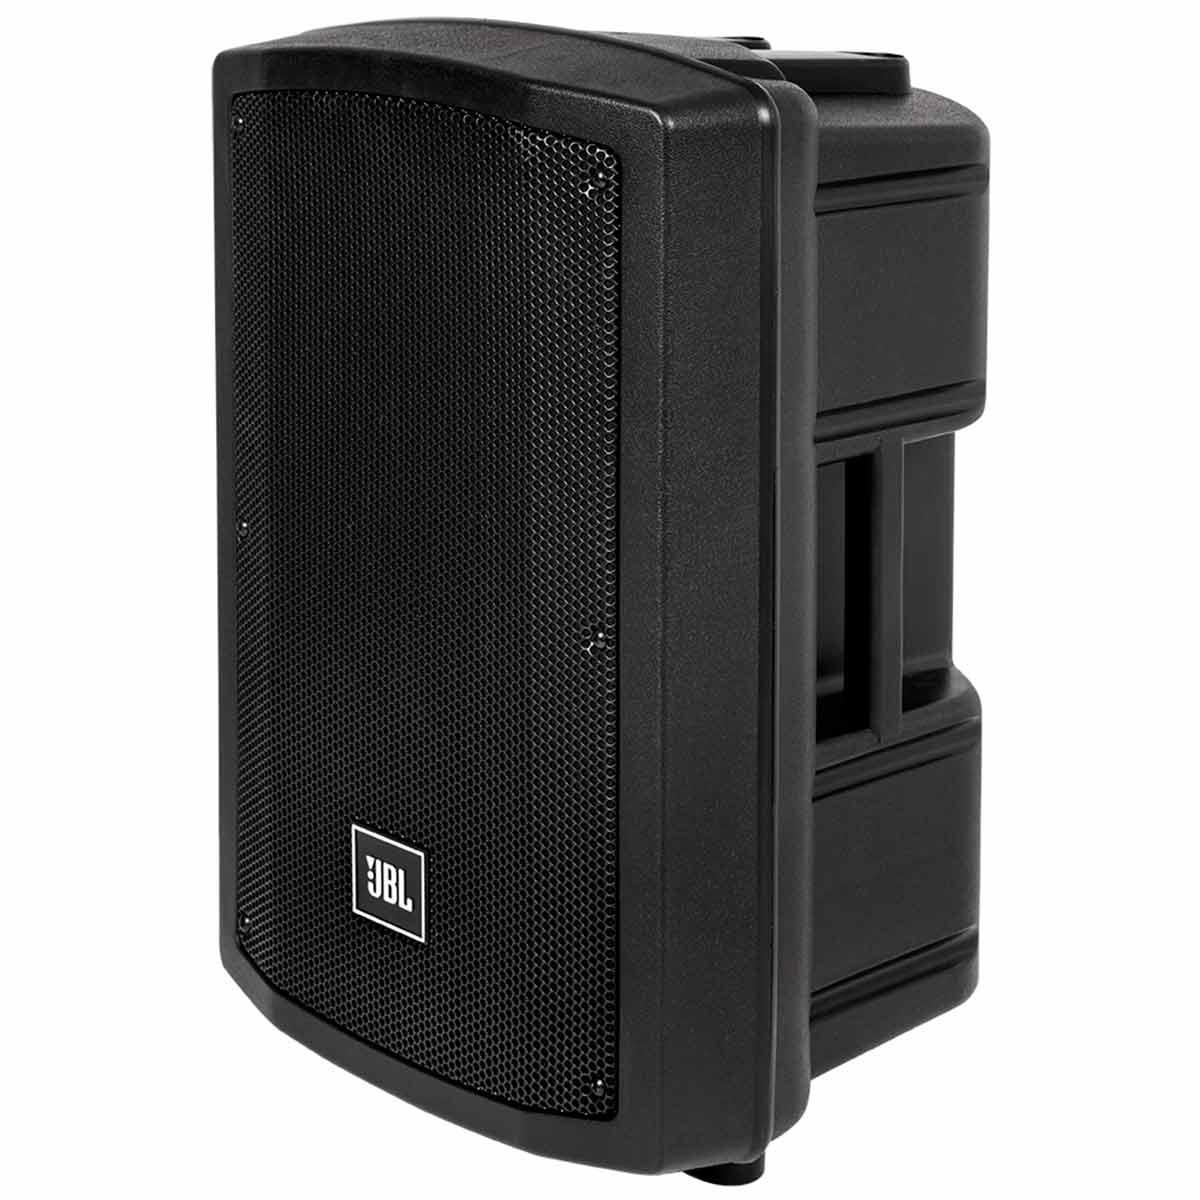 JS12BT - Caixa Ativa 150W c/ Bluetooth e USB JS 12 BT - JBL